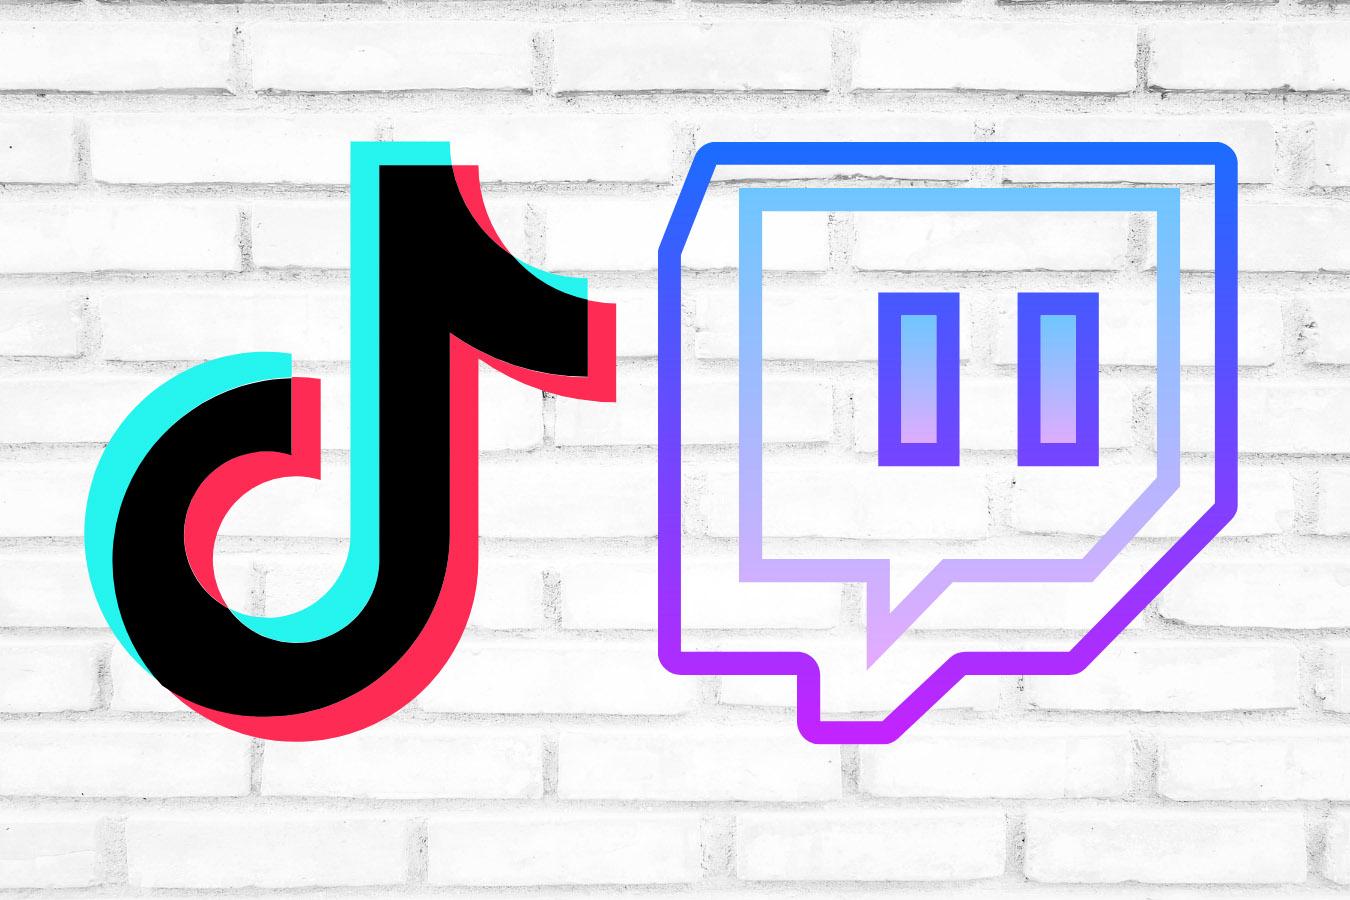 nuevos canales de comunicacion